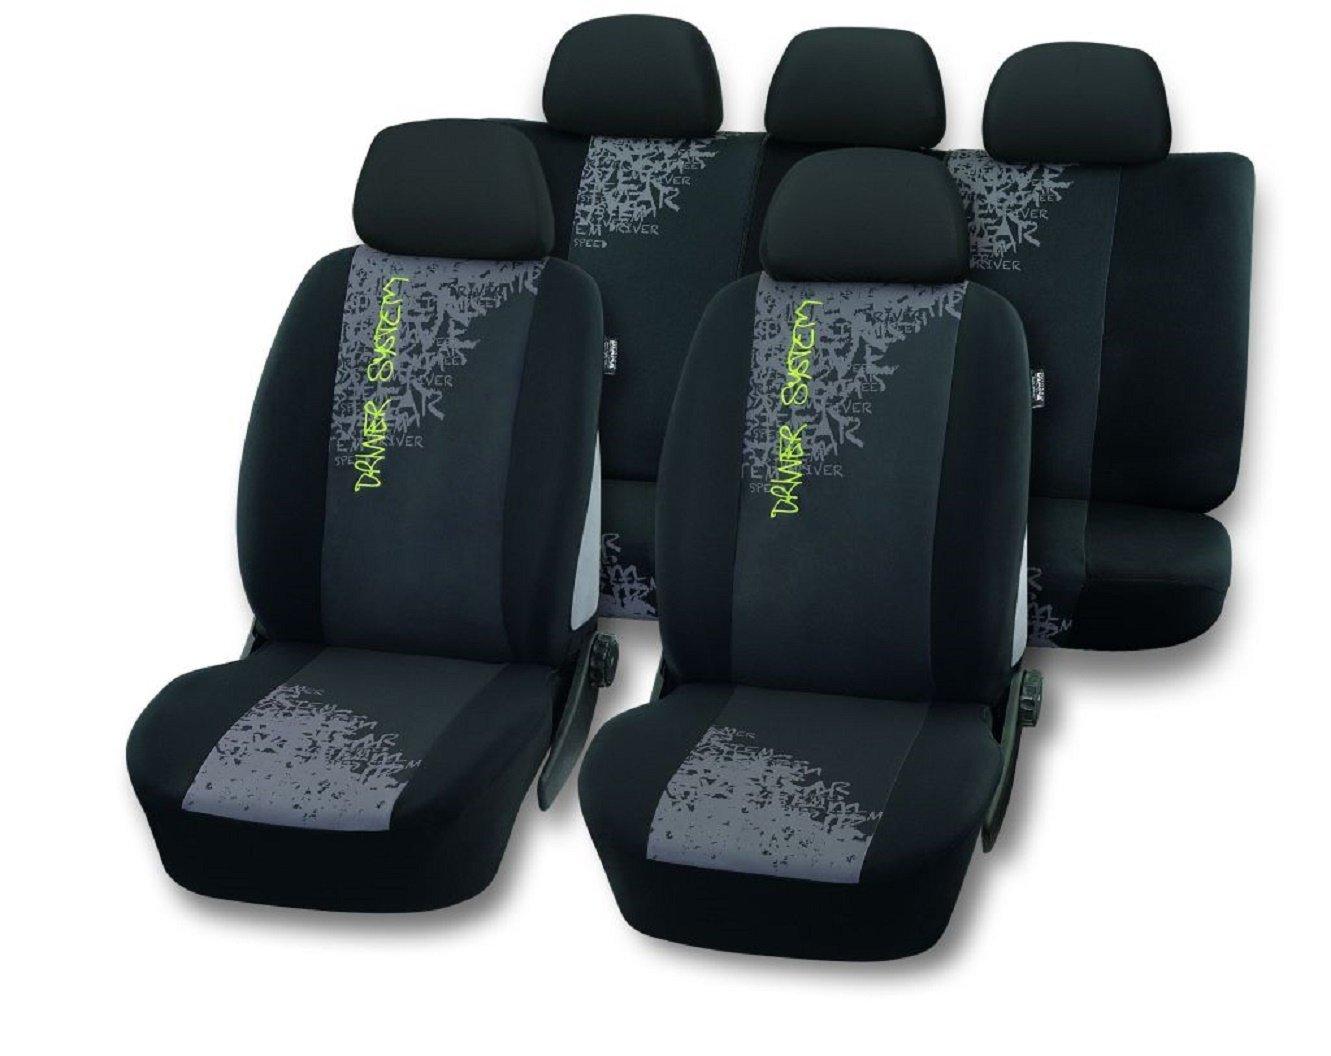 Driver 10344 Schonbezug Sitzbezug Autoschonbezug Schonbezü ge fü r das unten angegebene Fahrzeug Cars Design